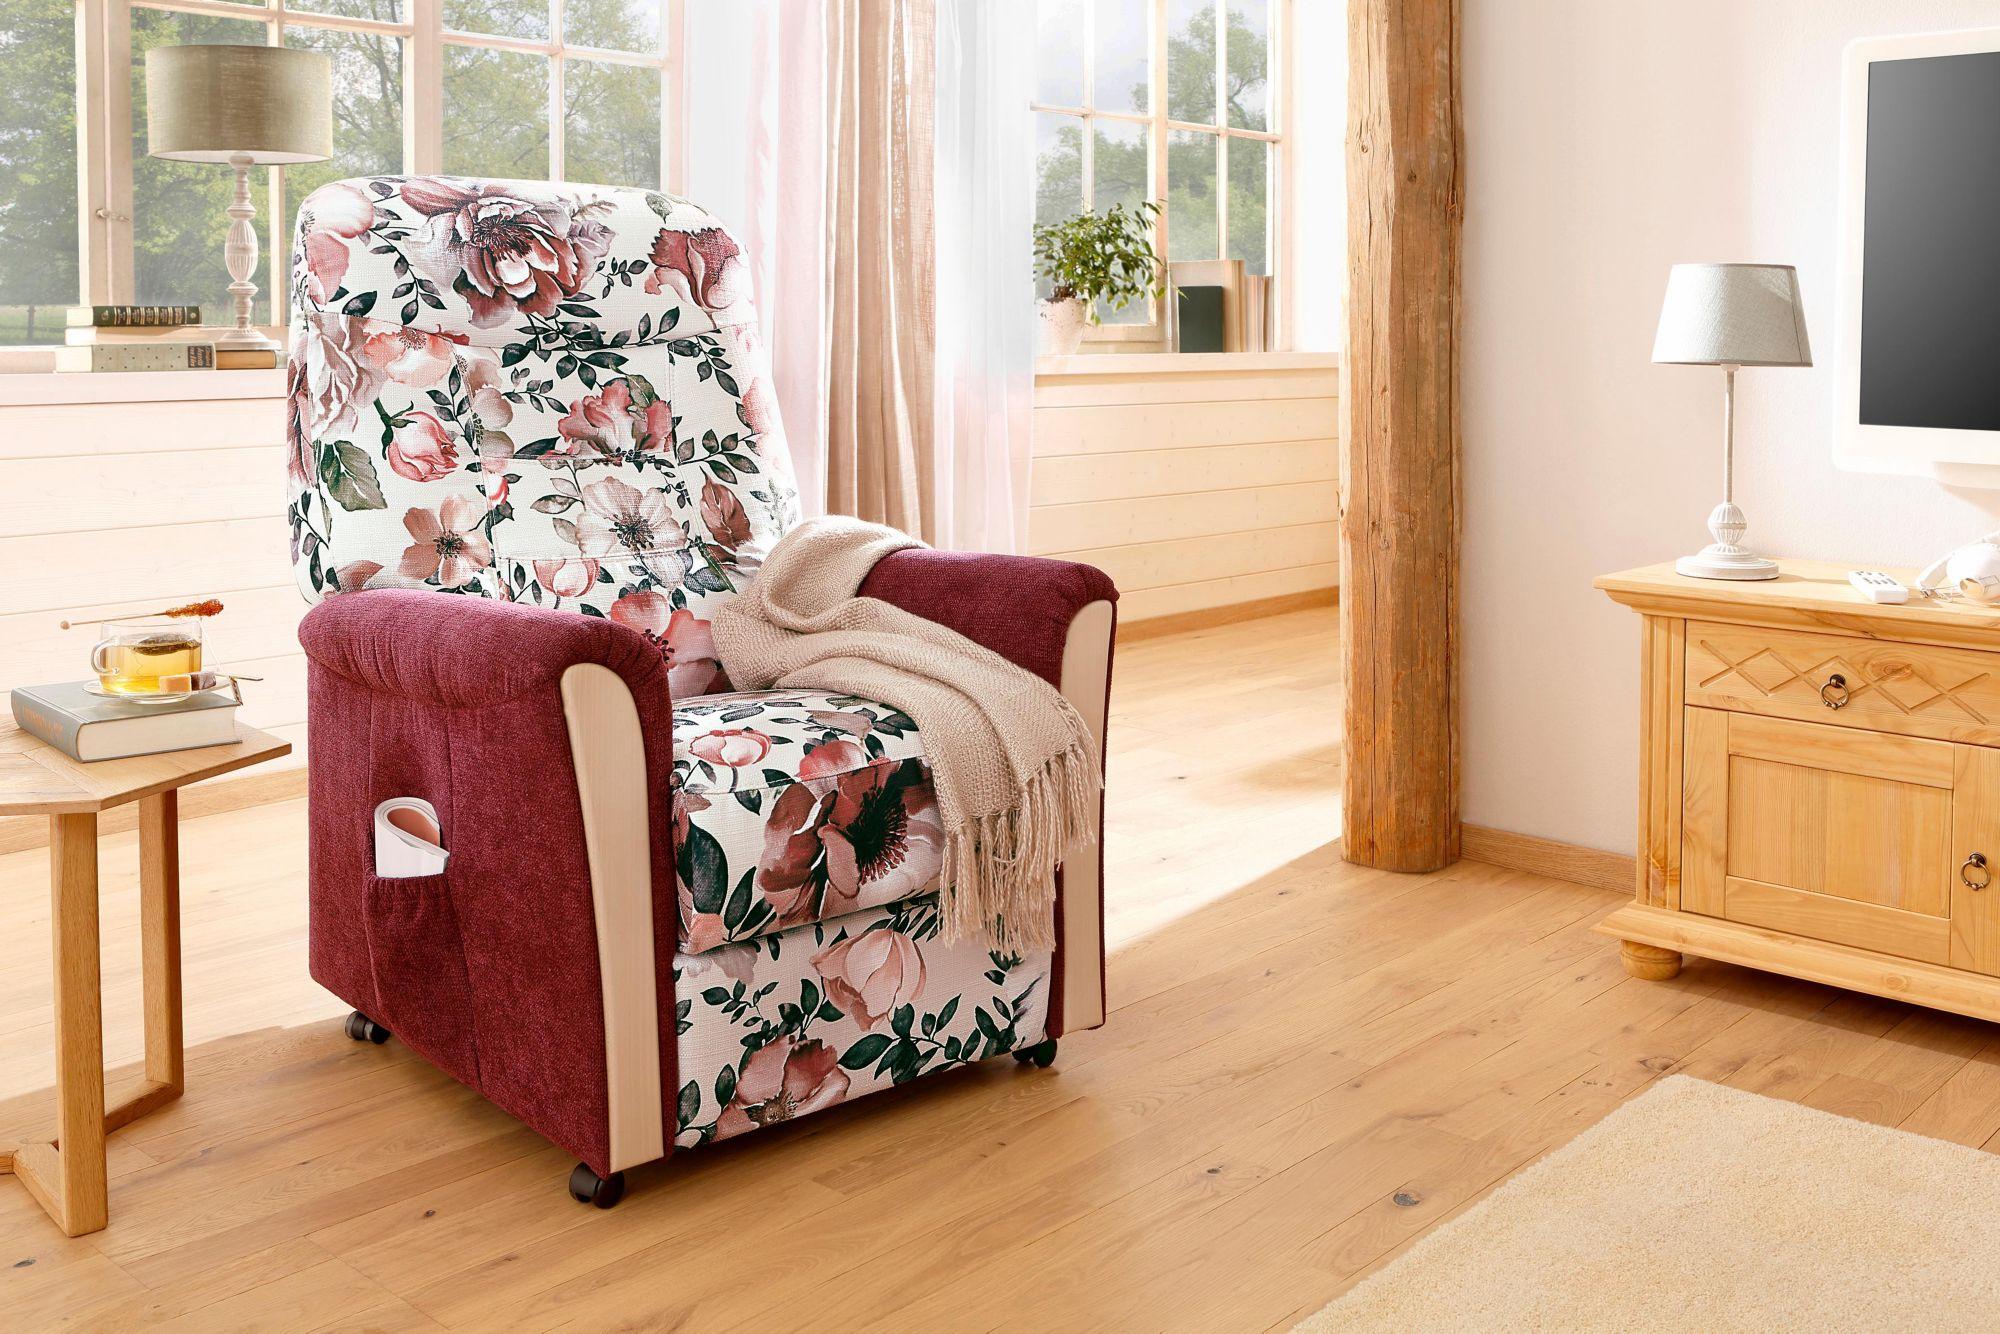 3d wandpaneele schlafzimmer kleines schlafzimmer set ideen wenig platz deko regal hardi wei e - Beleuchtete wandpaneele ...